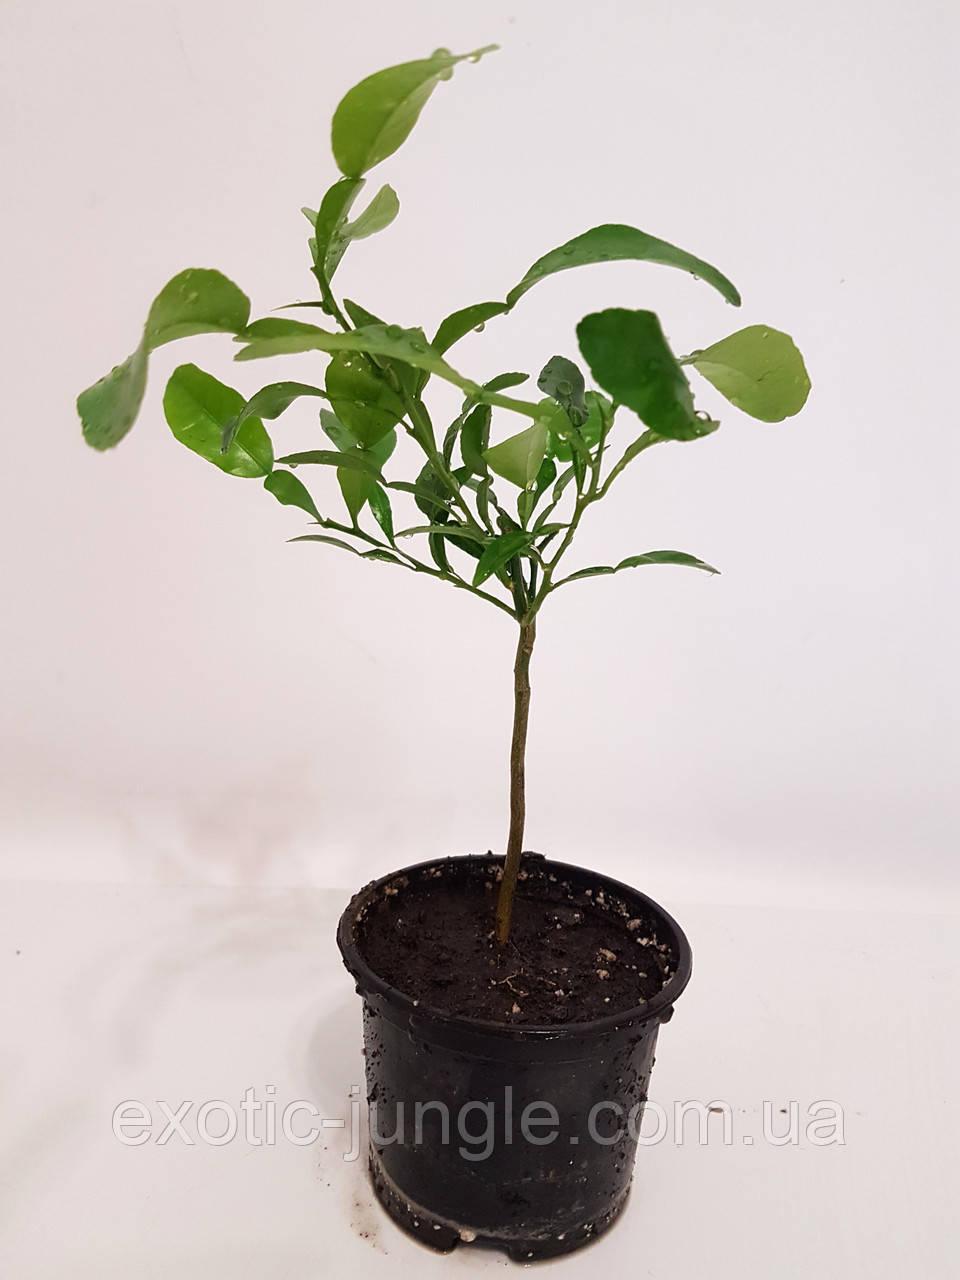 Лайм Кафрский, Хистрикс (Kaffir Lime, Citrus hystrix) 20-25 см. Комнатный, фото 1